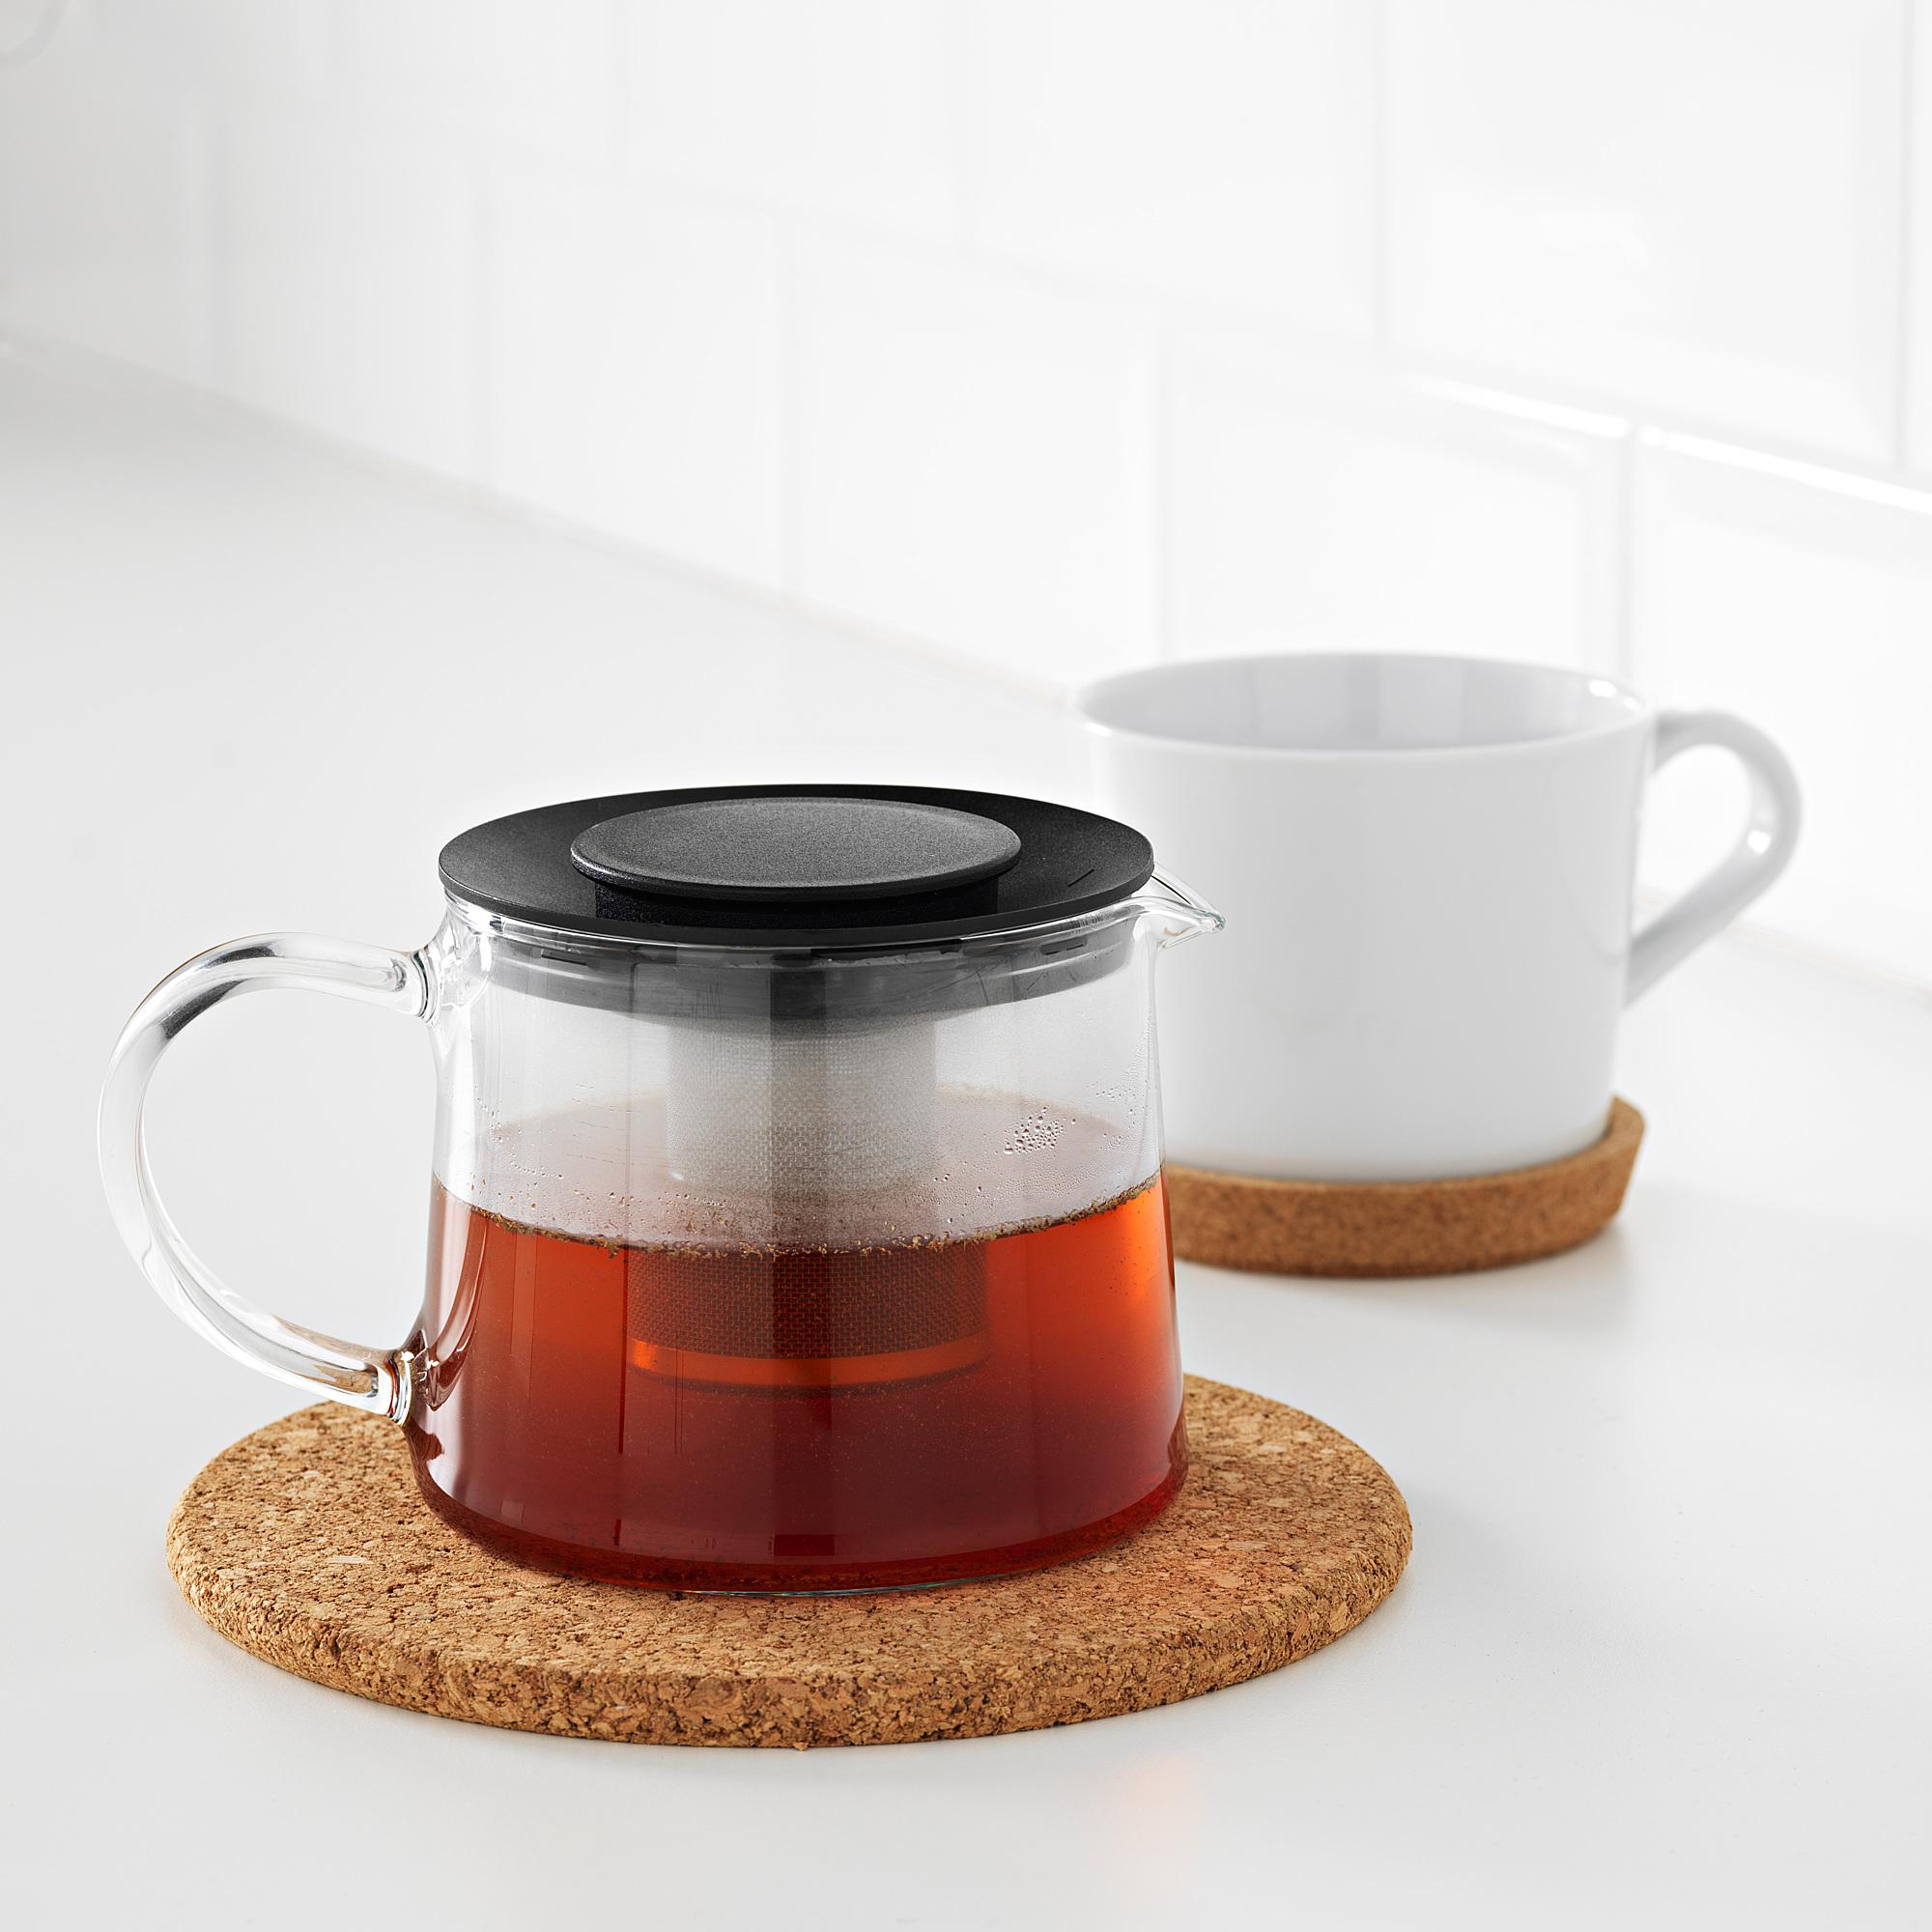 RIKLIG teapot